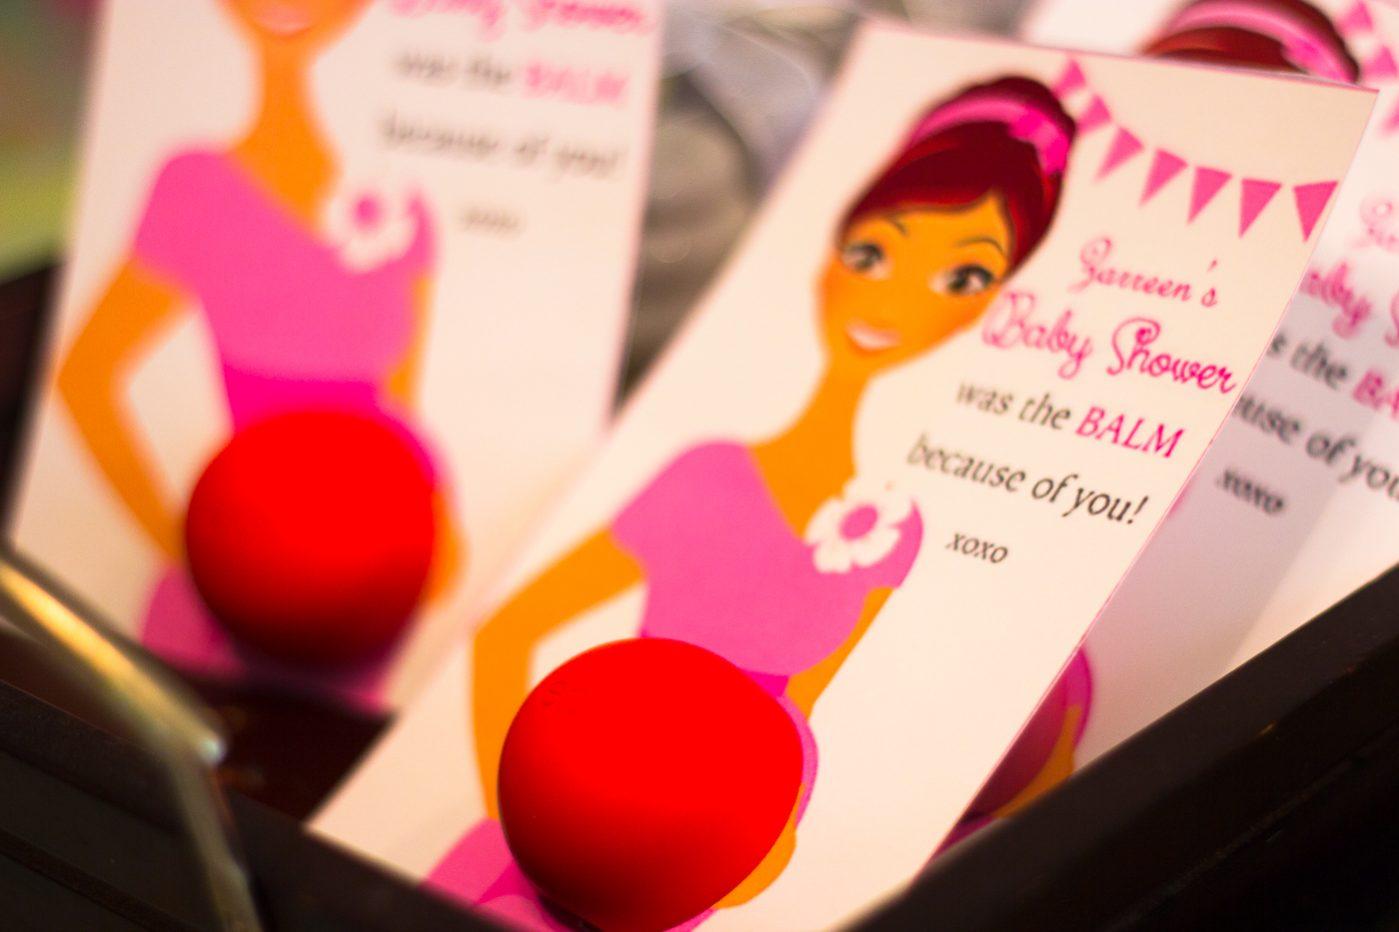 EOS Balm Baby Shower decor, thank you cards.